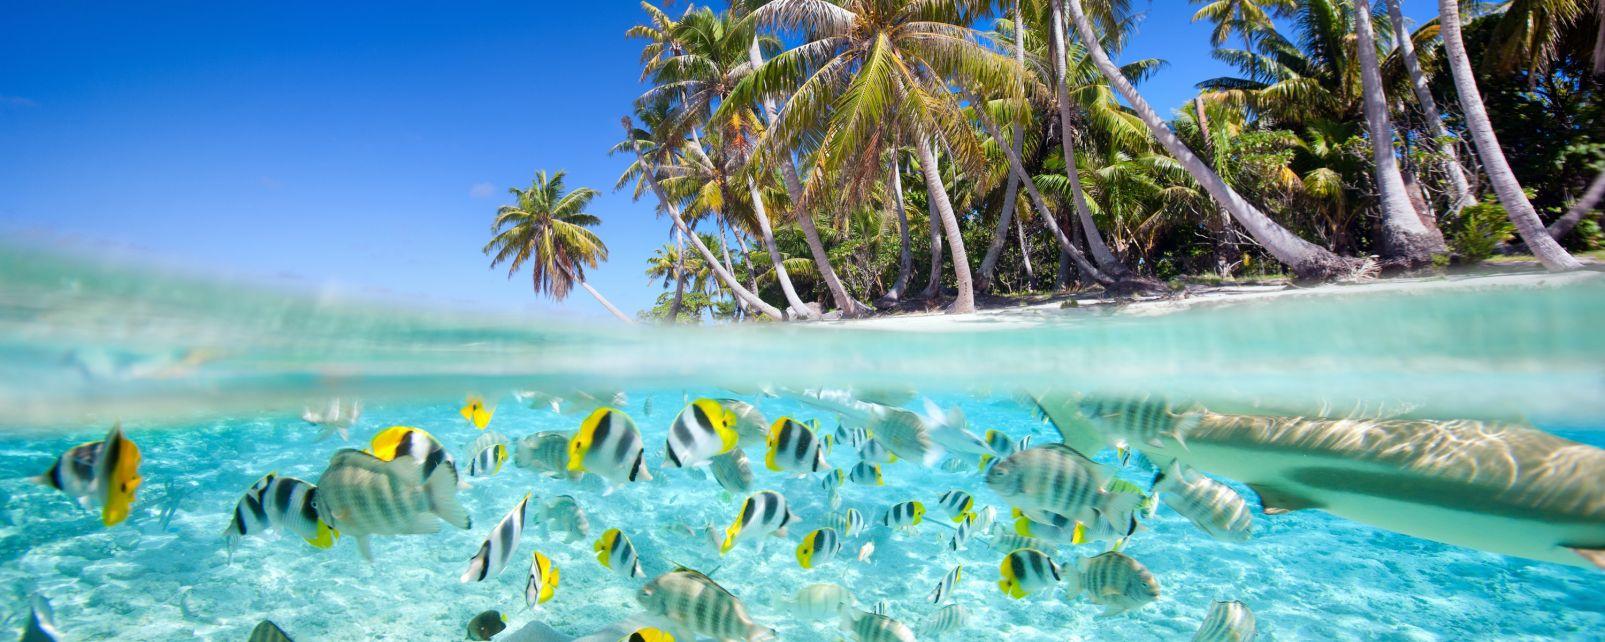 South Nilandhoo Atoll, Maldives, South Nilandhoo atoll, Coasts, The Maldives